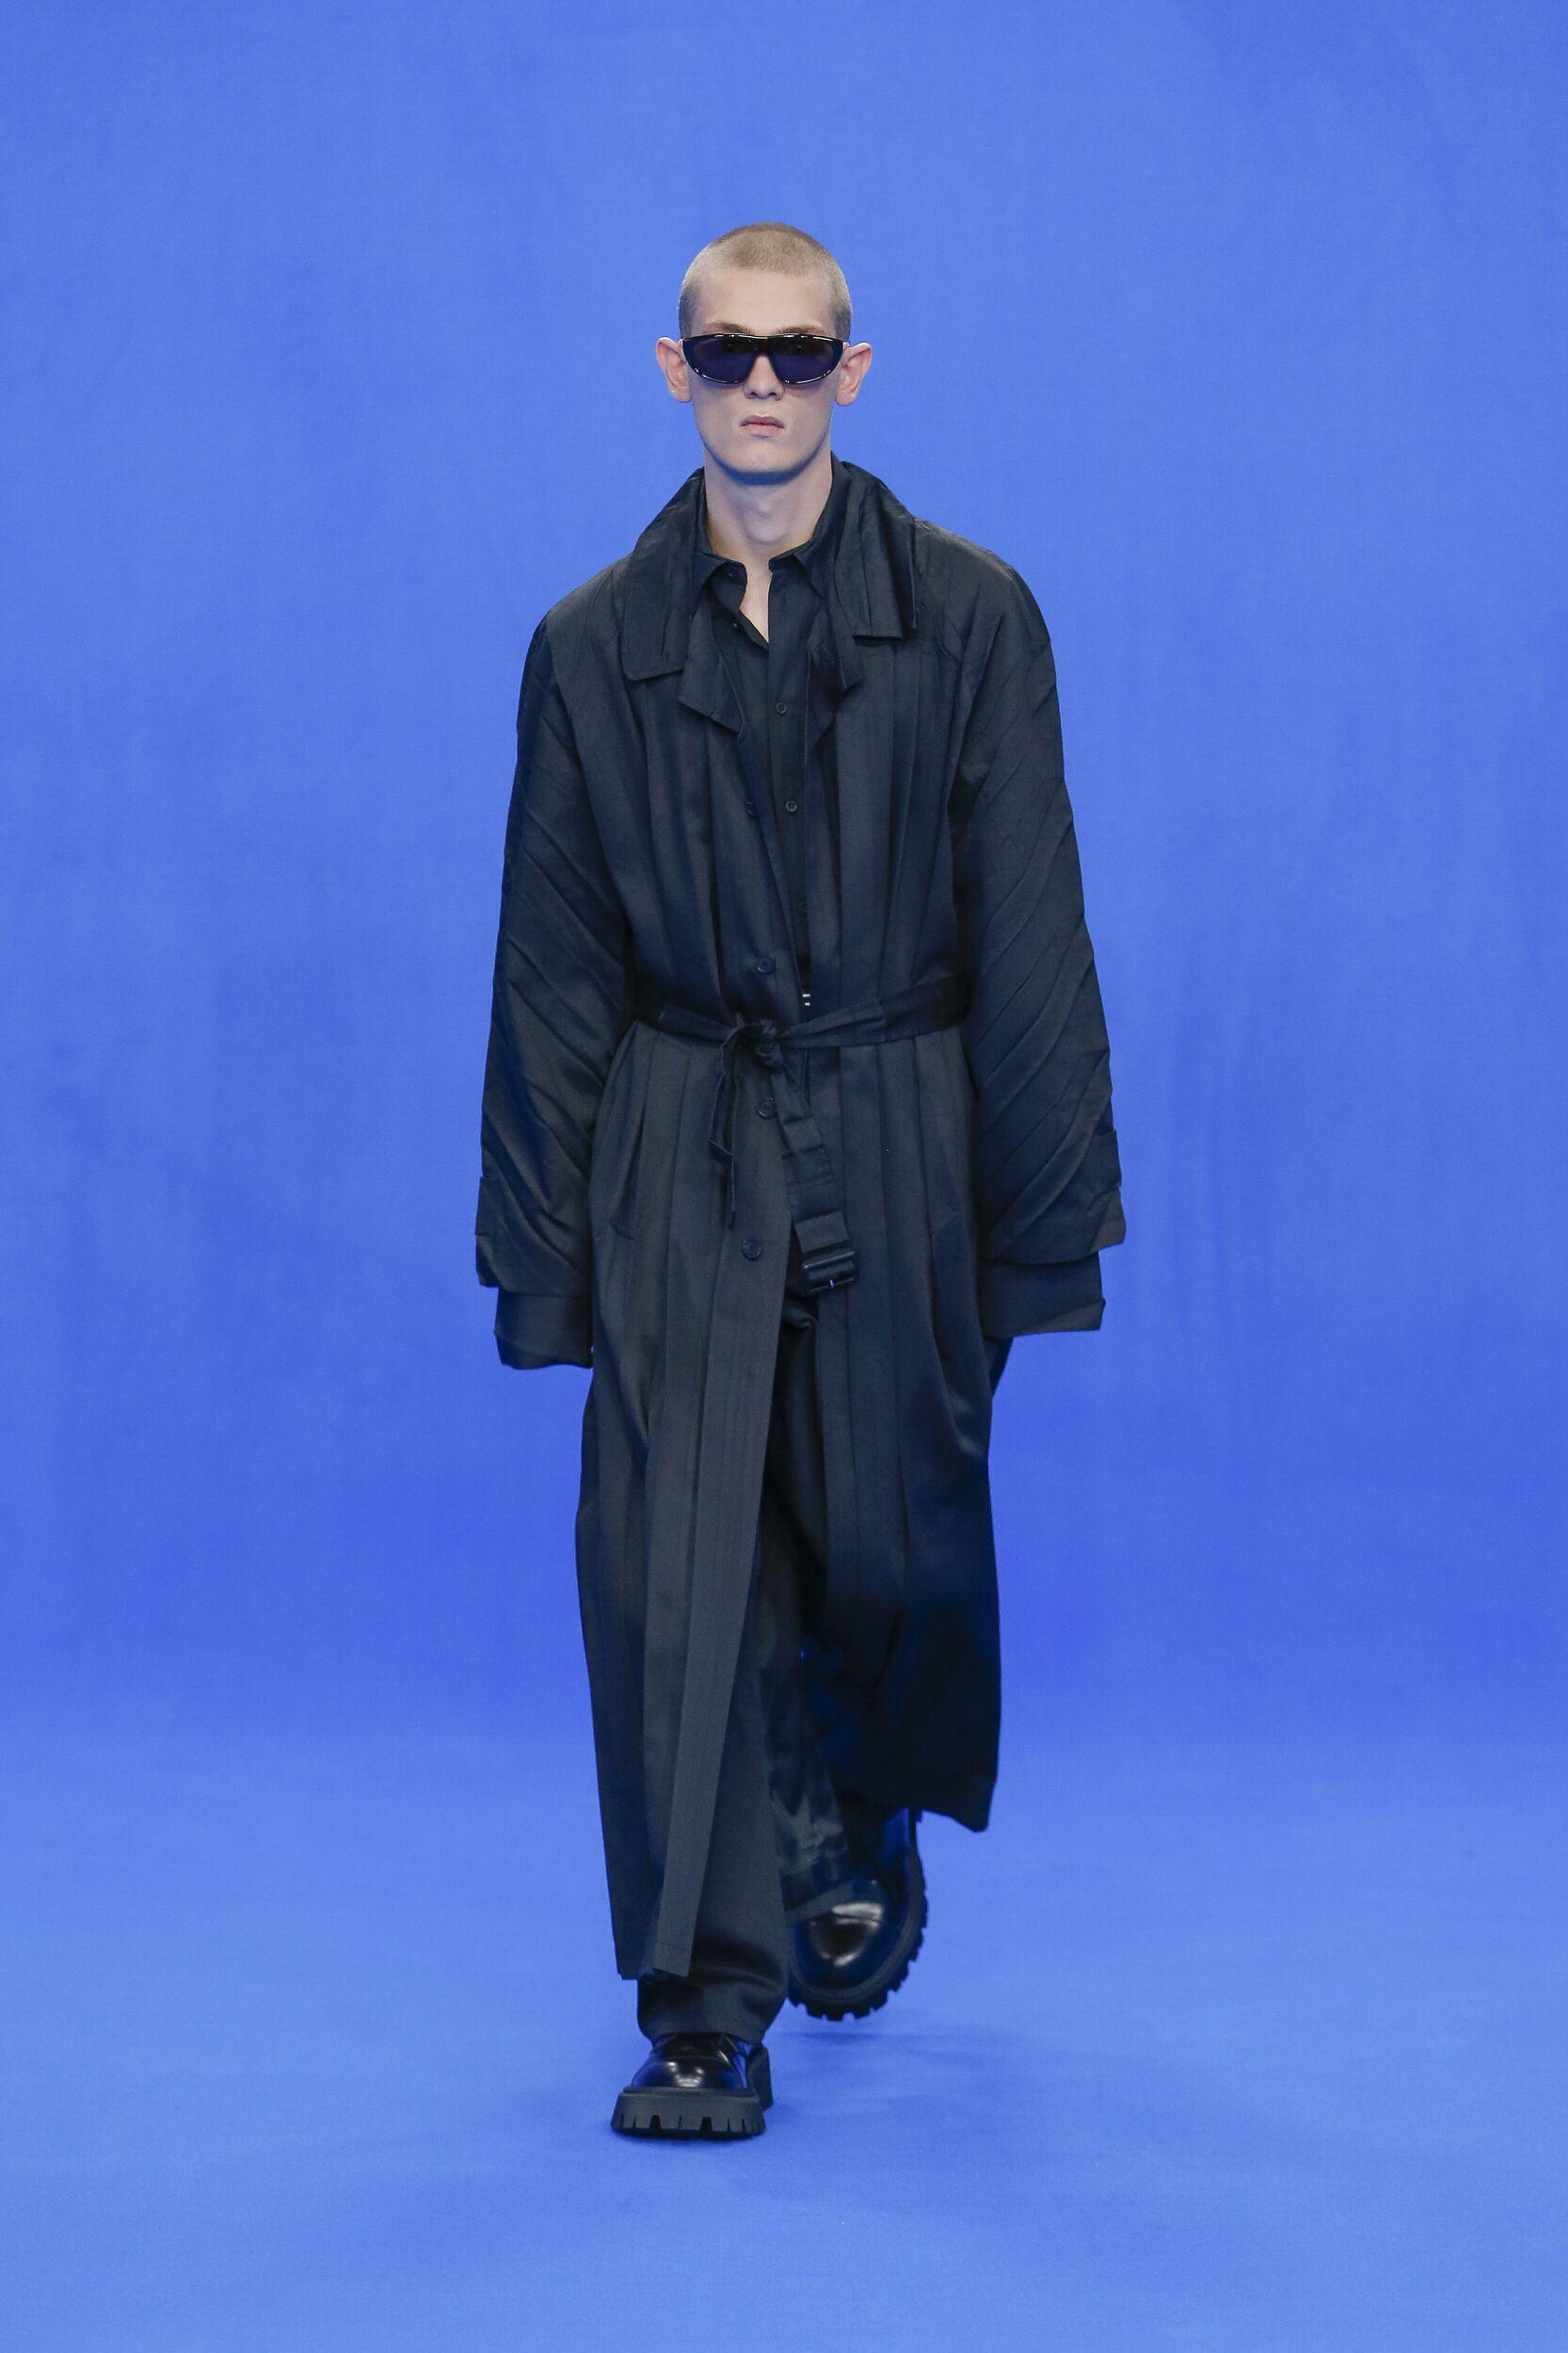 Balenciaga Man Style